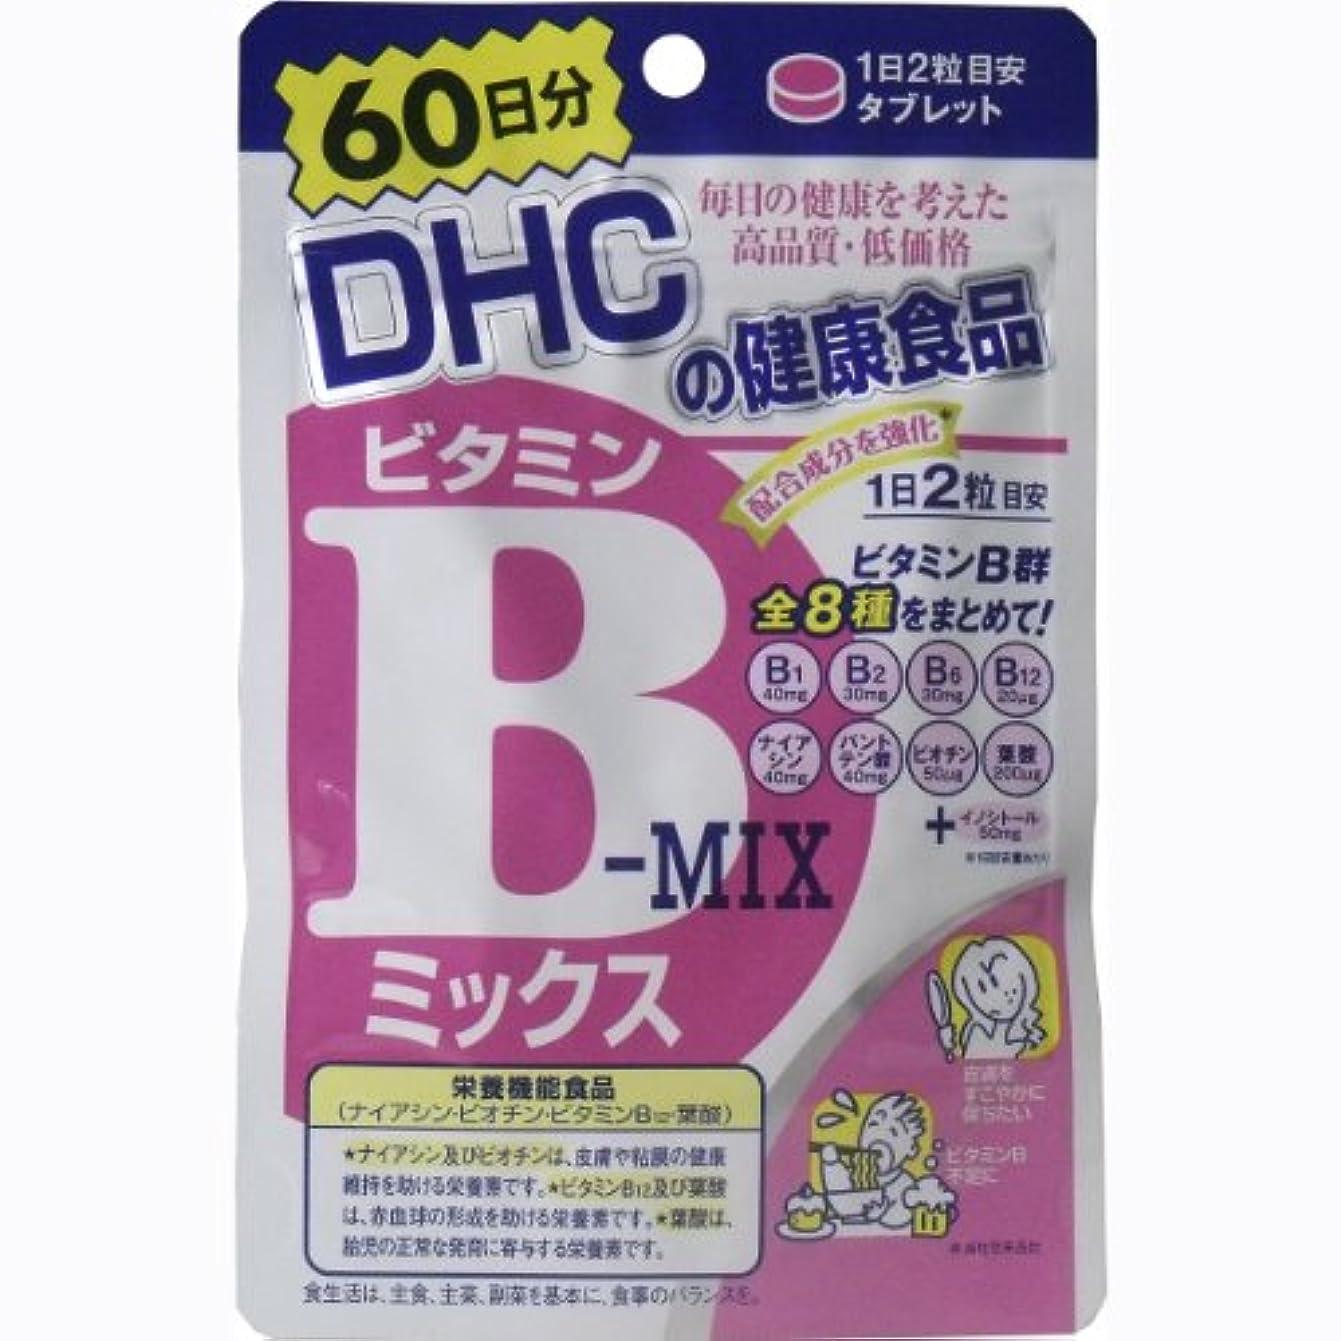 封筒宗教的な同情【まとめ買い】DHC ビタミンBミックス 60日分 120粒 ×2セット